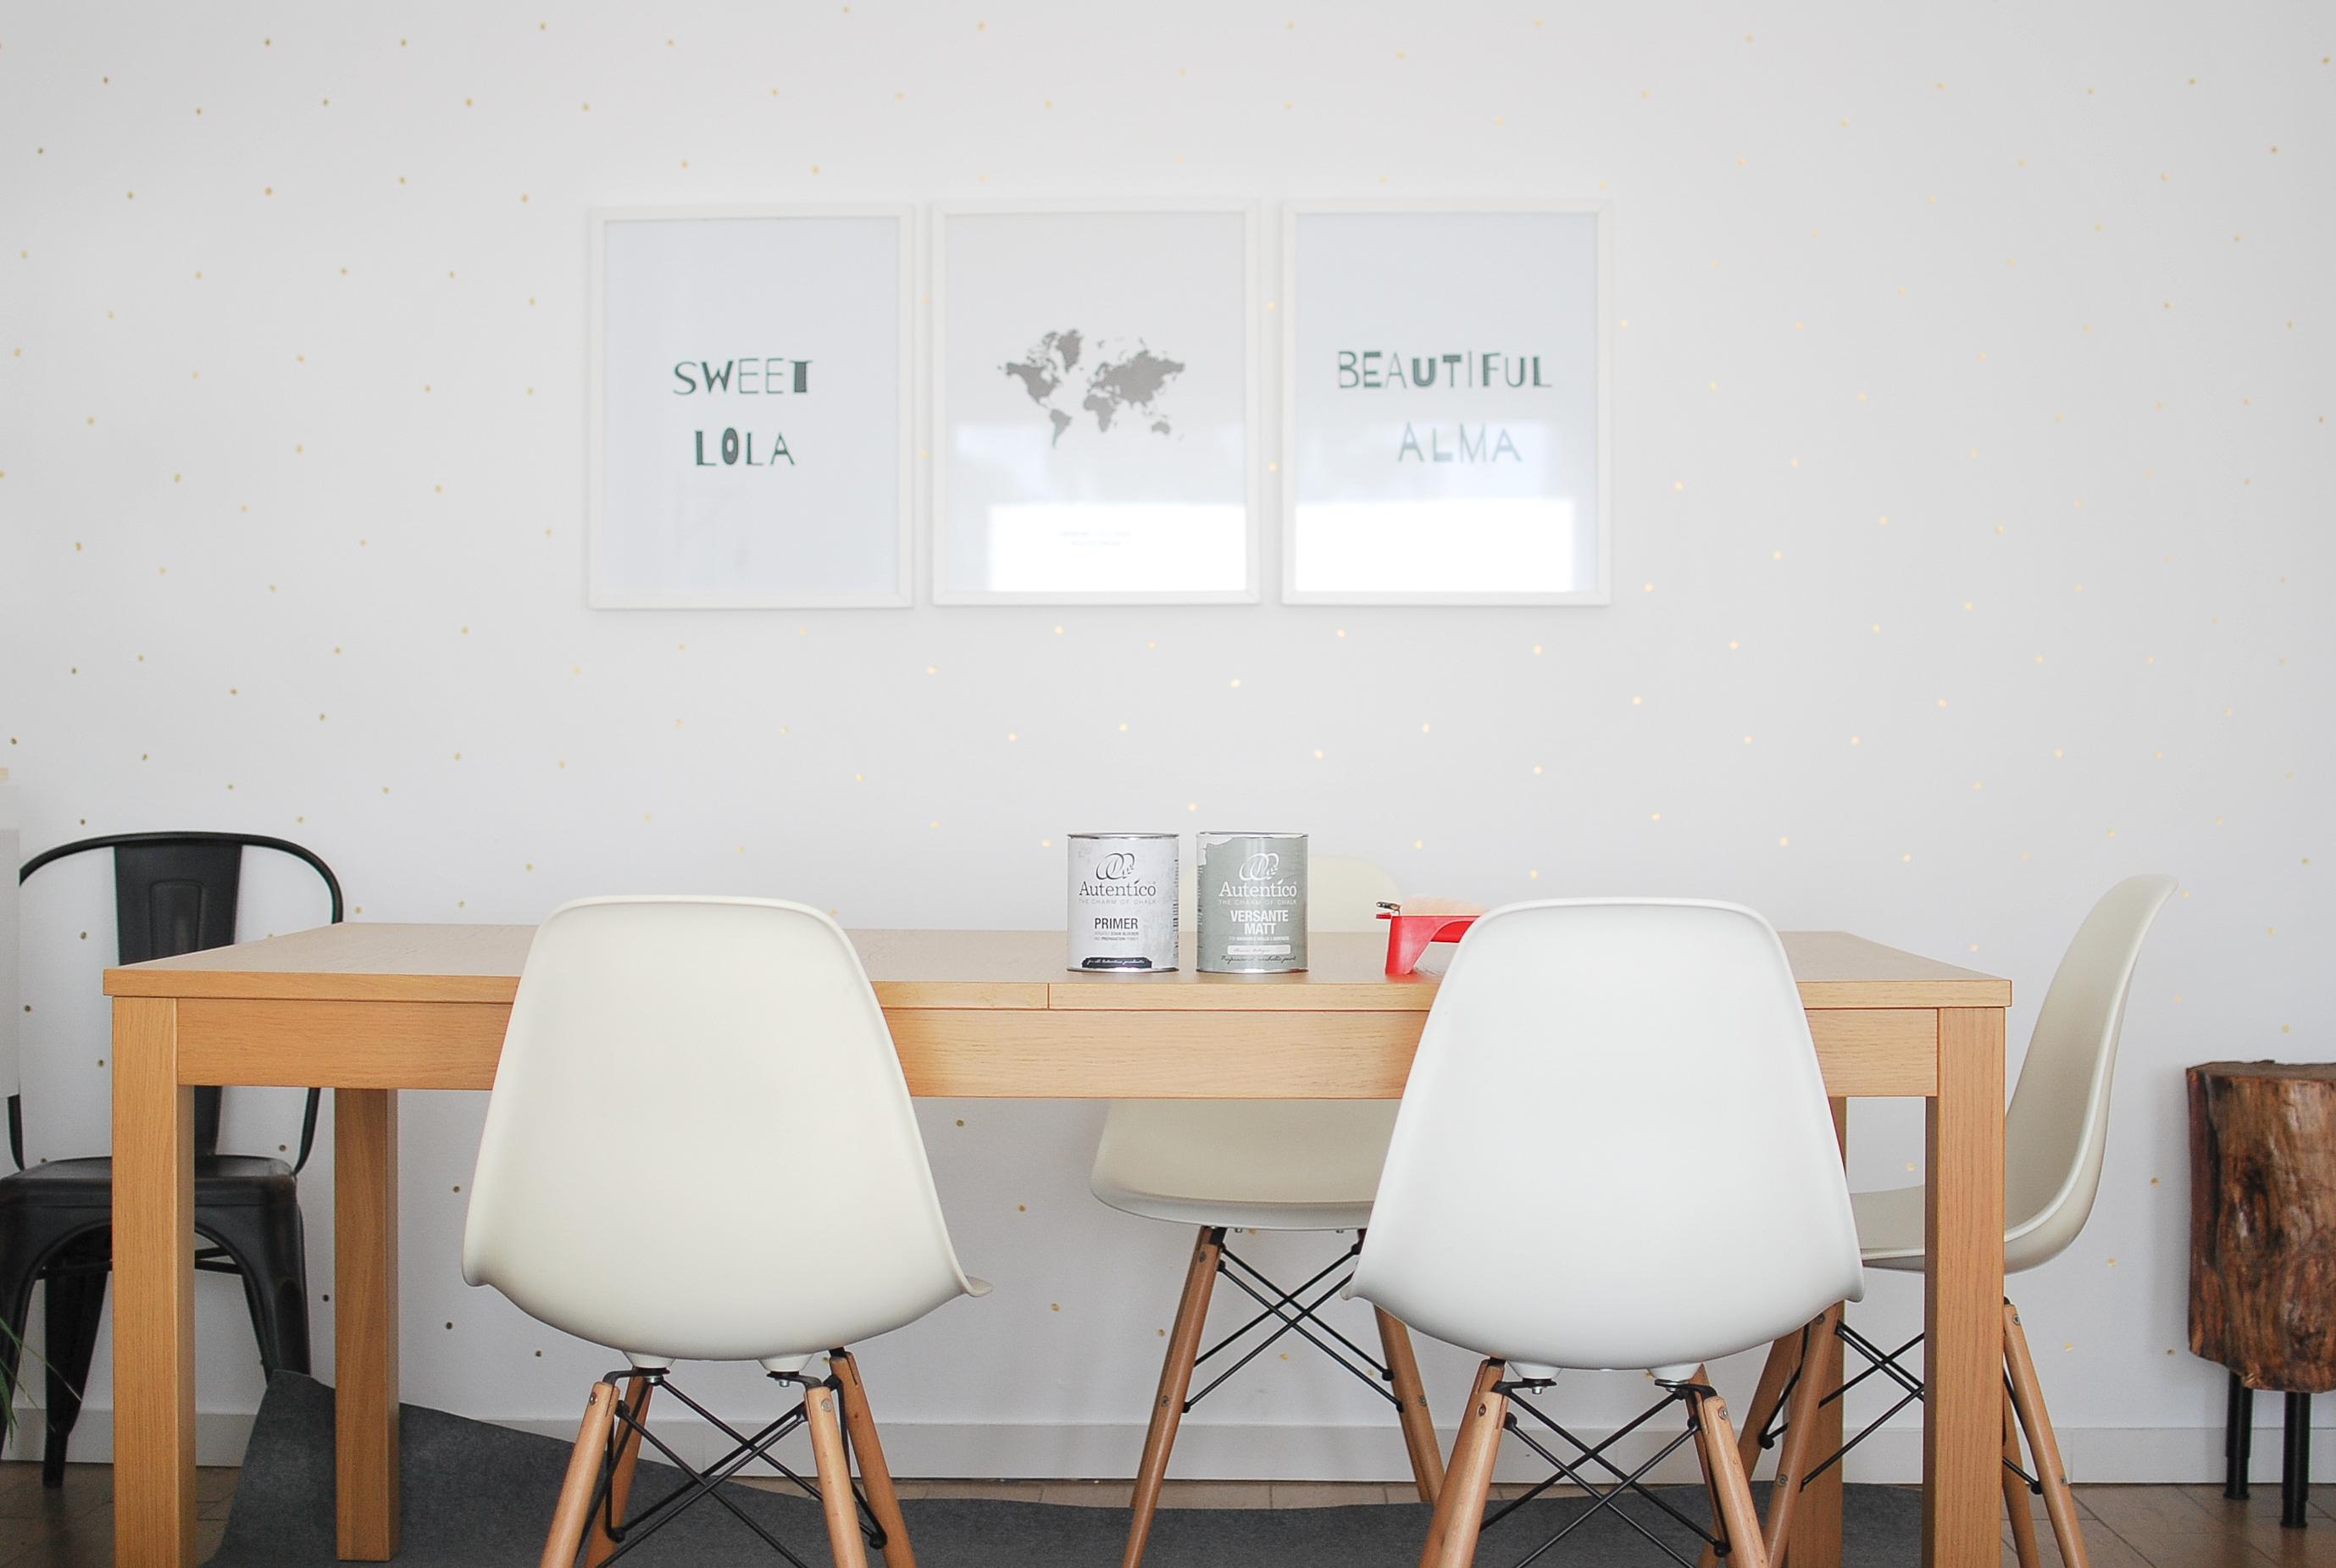 Muebles de ikea como nuevos - Sillas con reposabrazos ikea ...